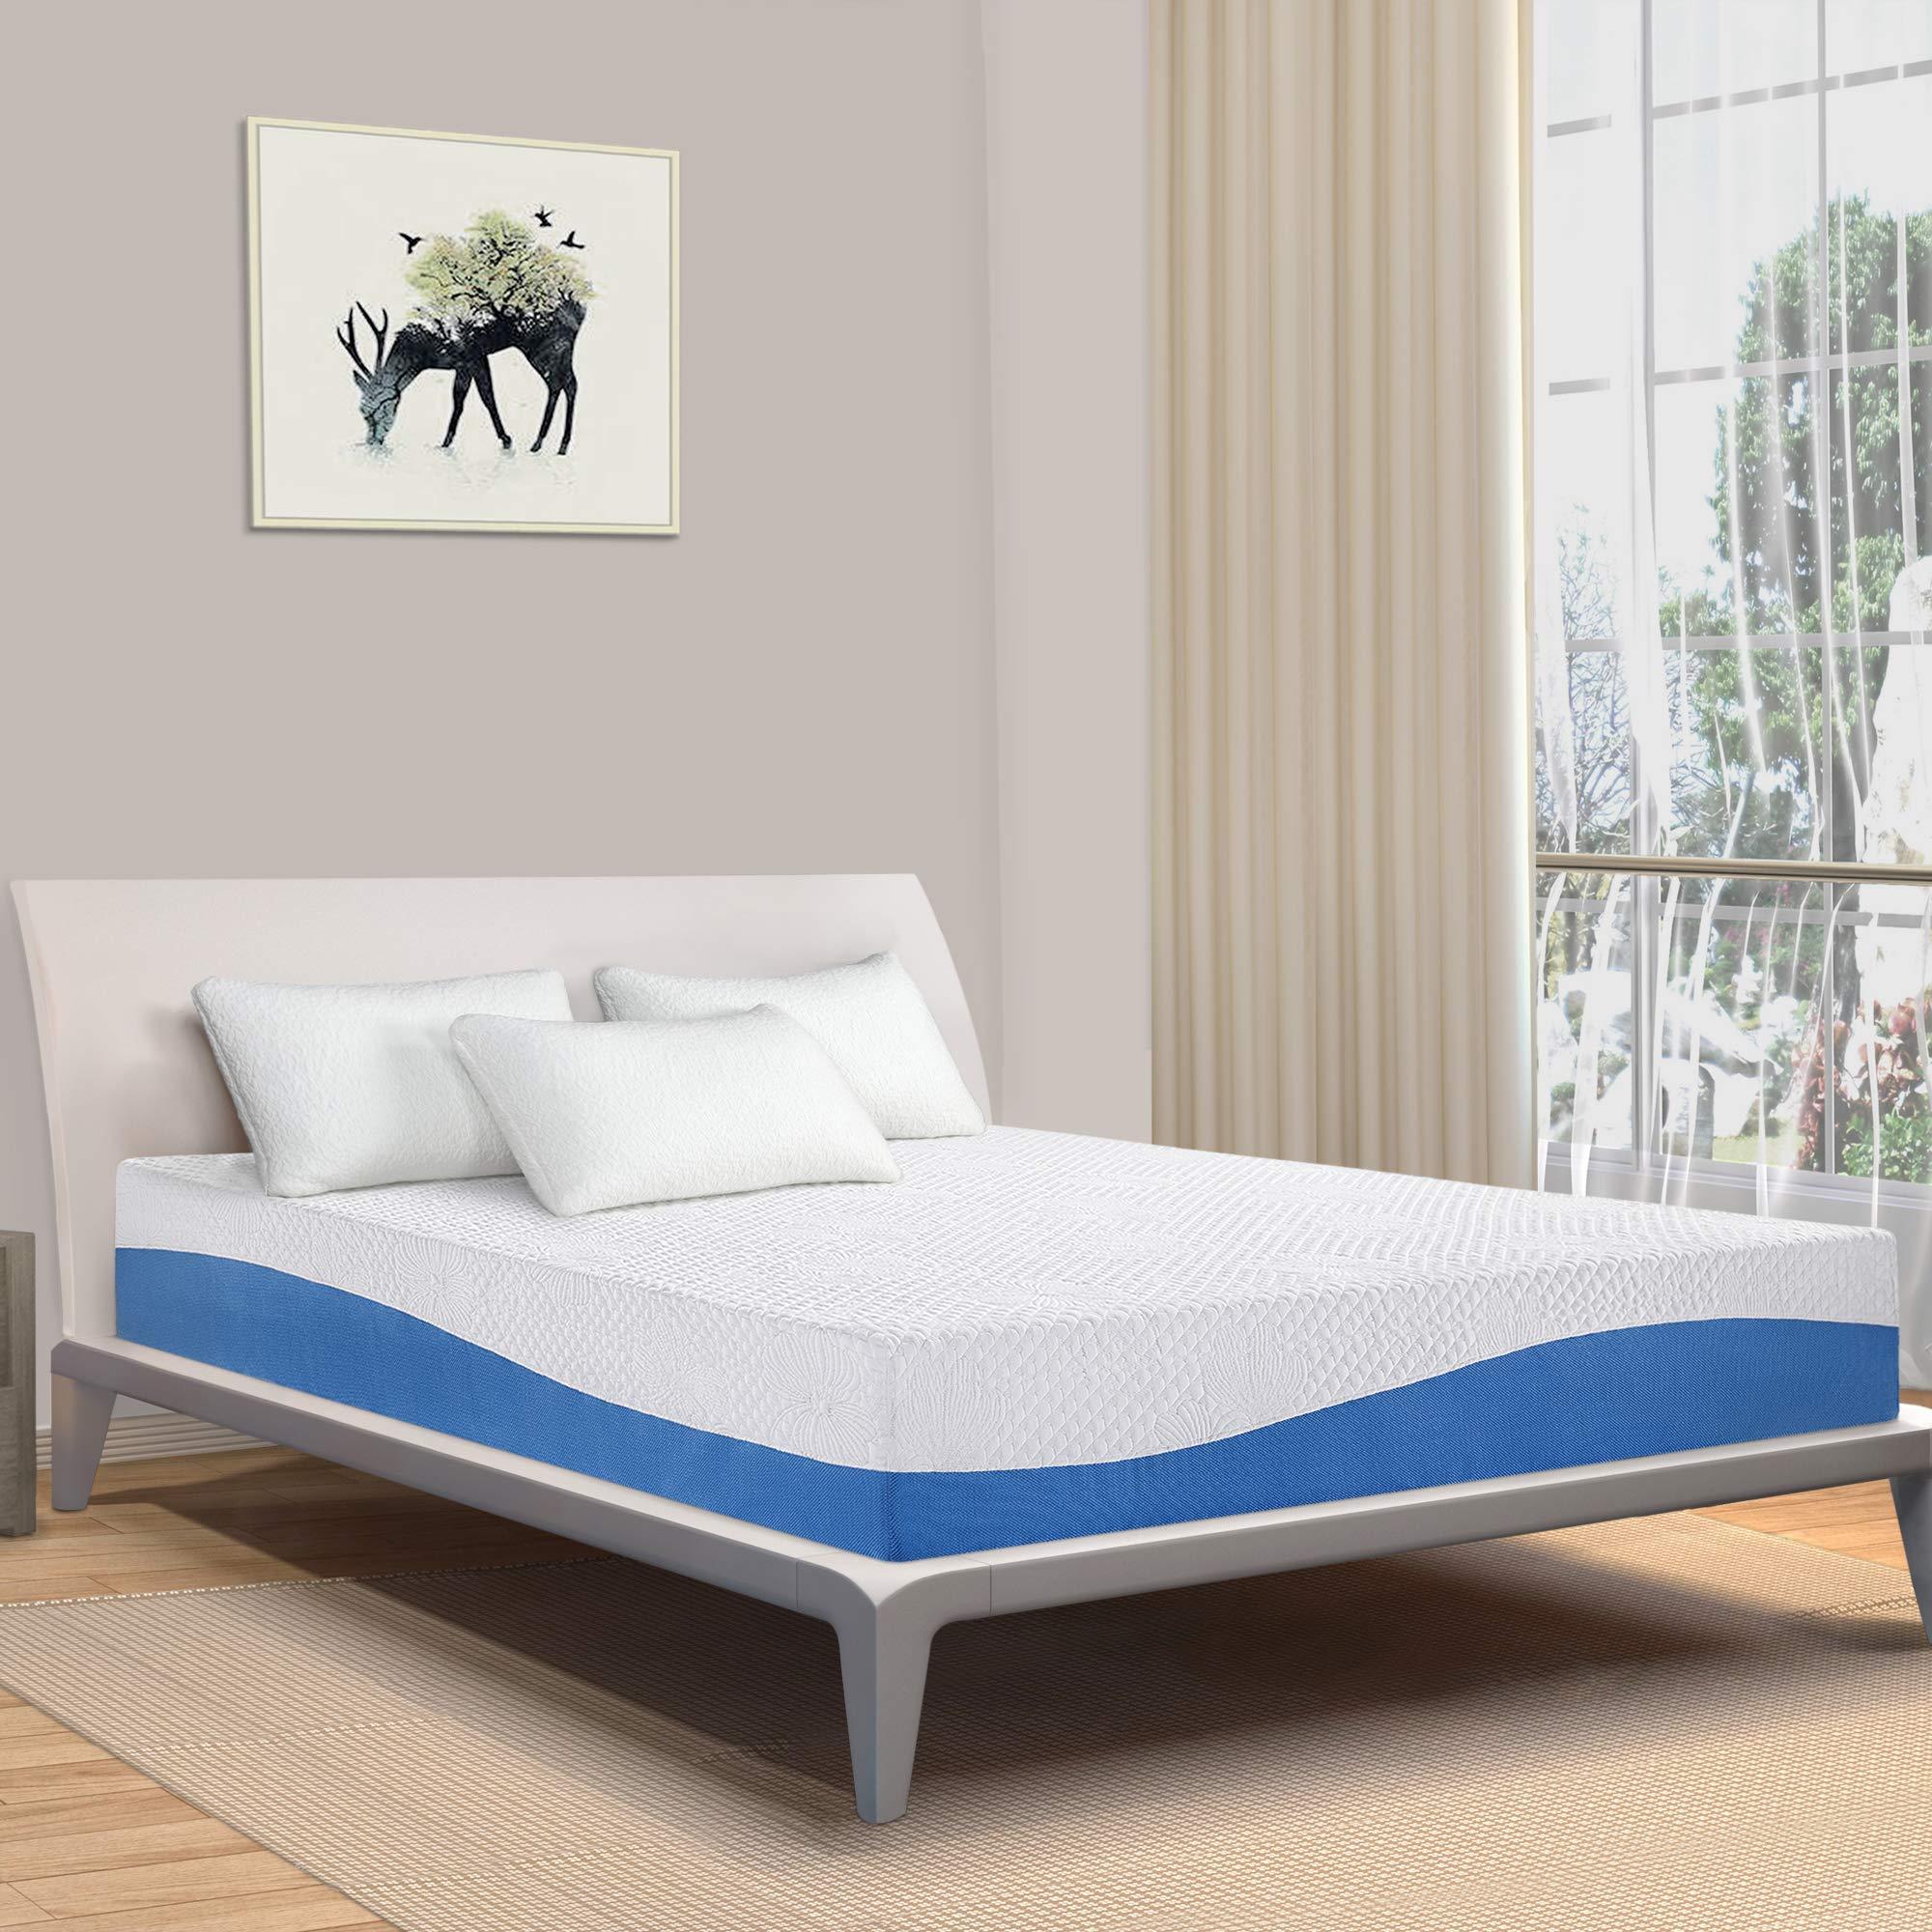 PrimaSleep Wave Gel Infused Memory Foam Mattress, 10'' H, Full, Blue